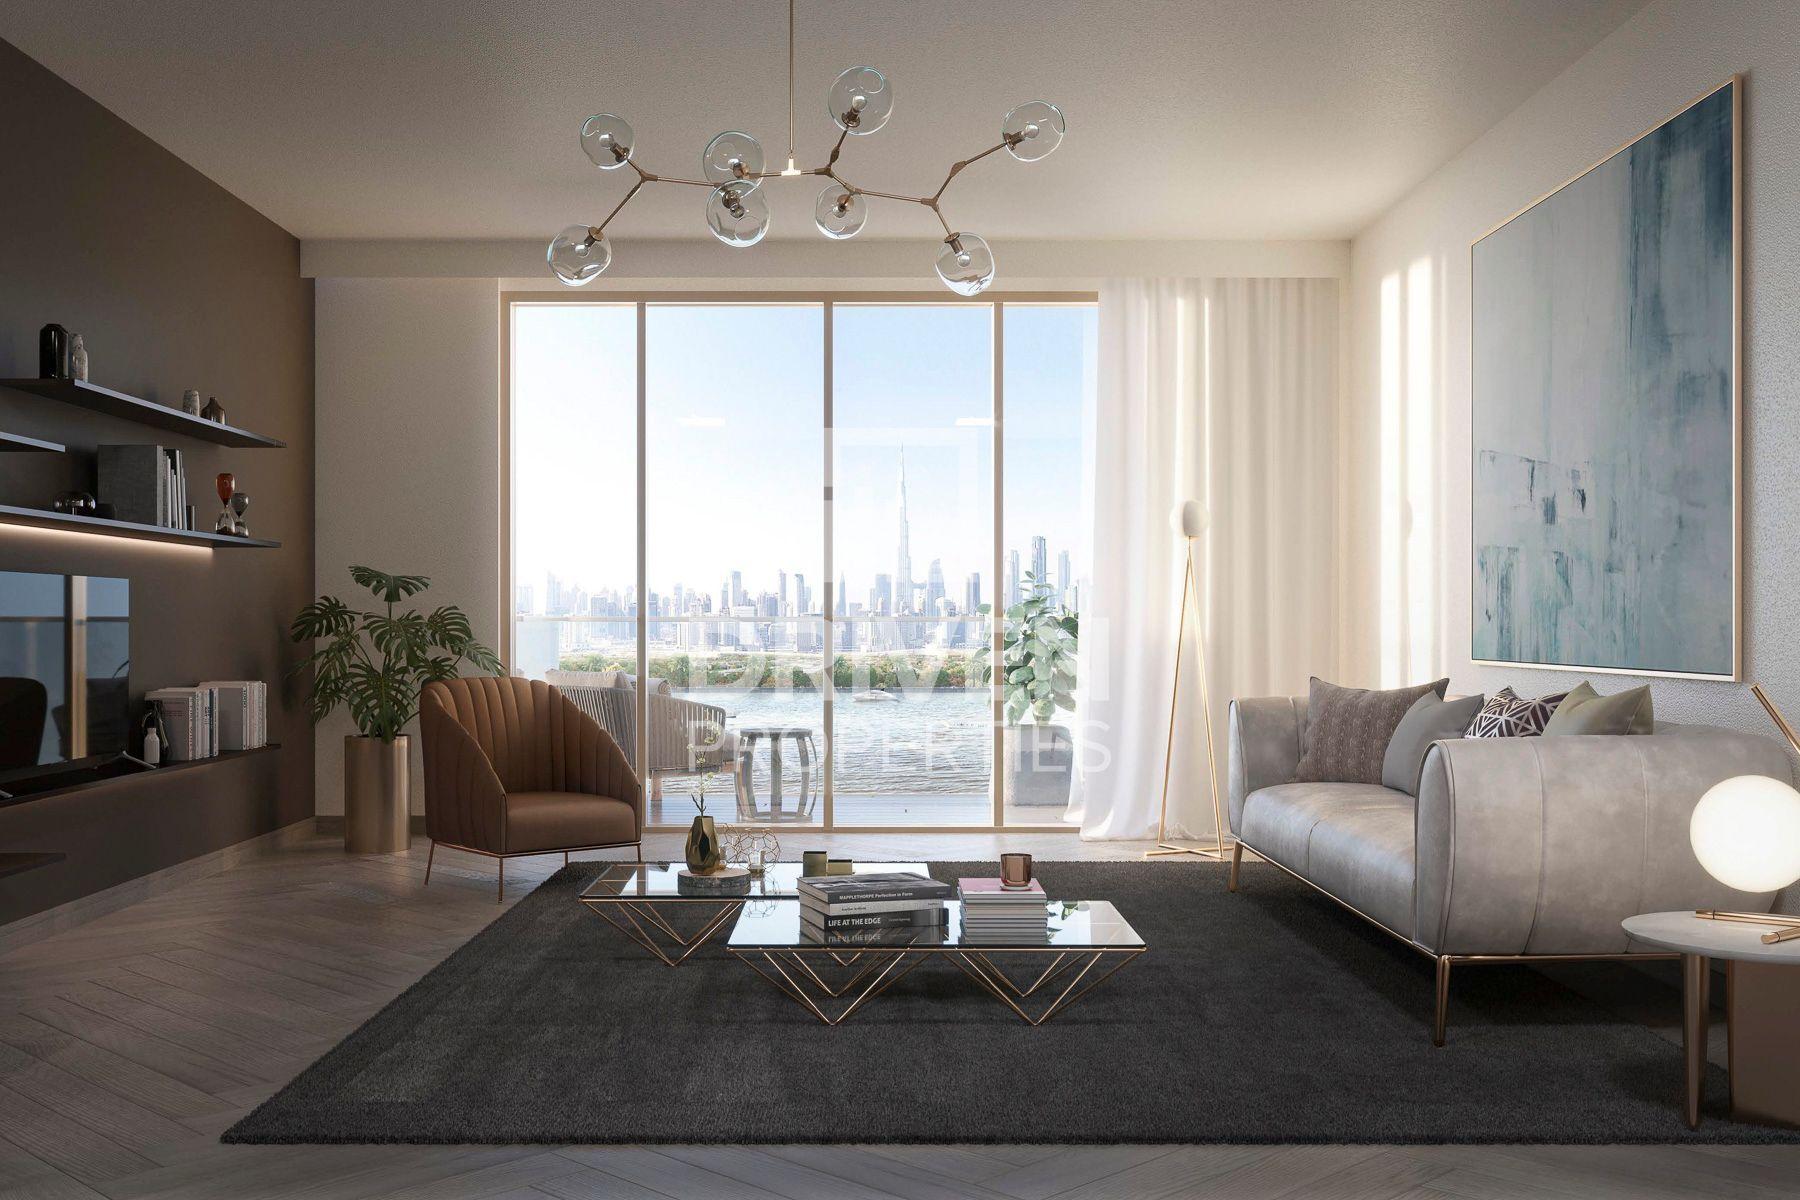 812 قدم مربع  شقة - للبيع - ميدان